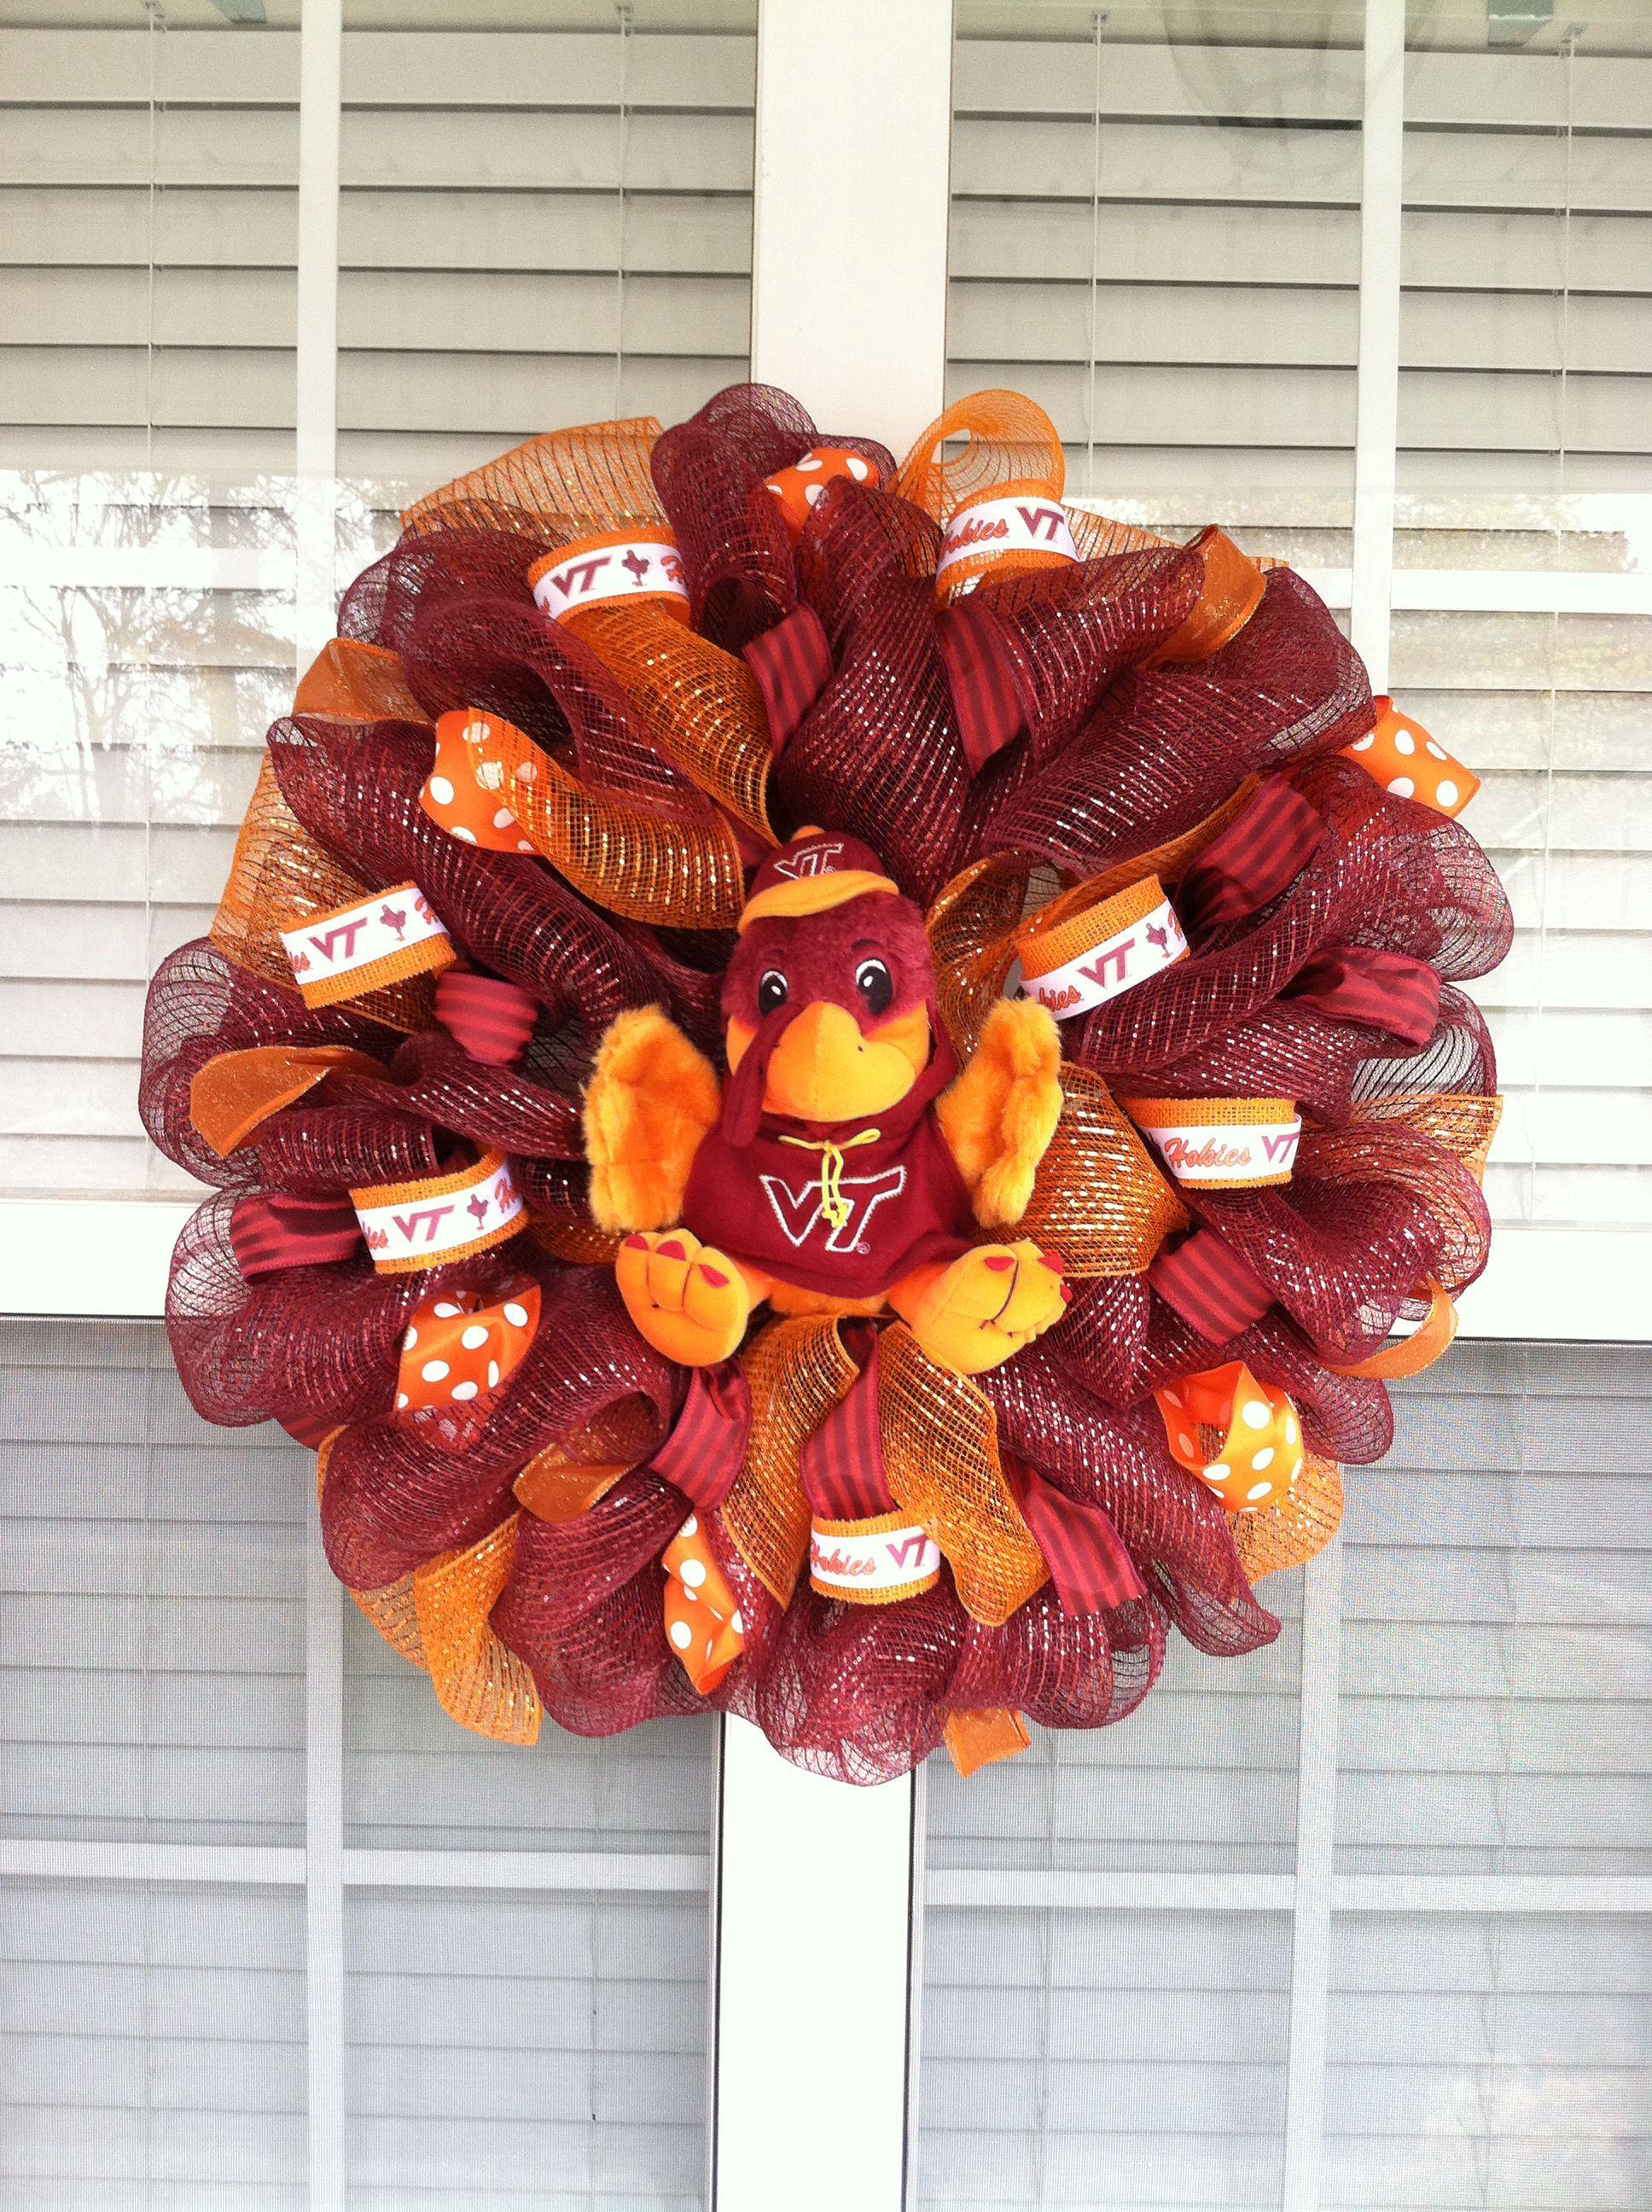 Virginia tech mesh wreath Sports wreaths, Mesh wreaths